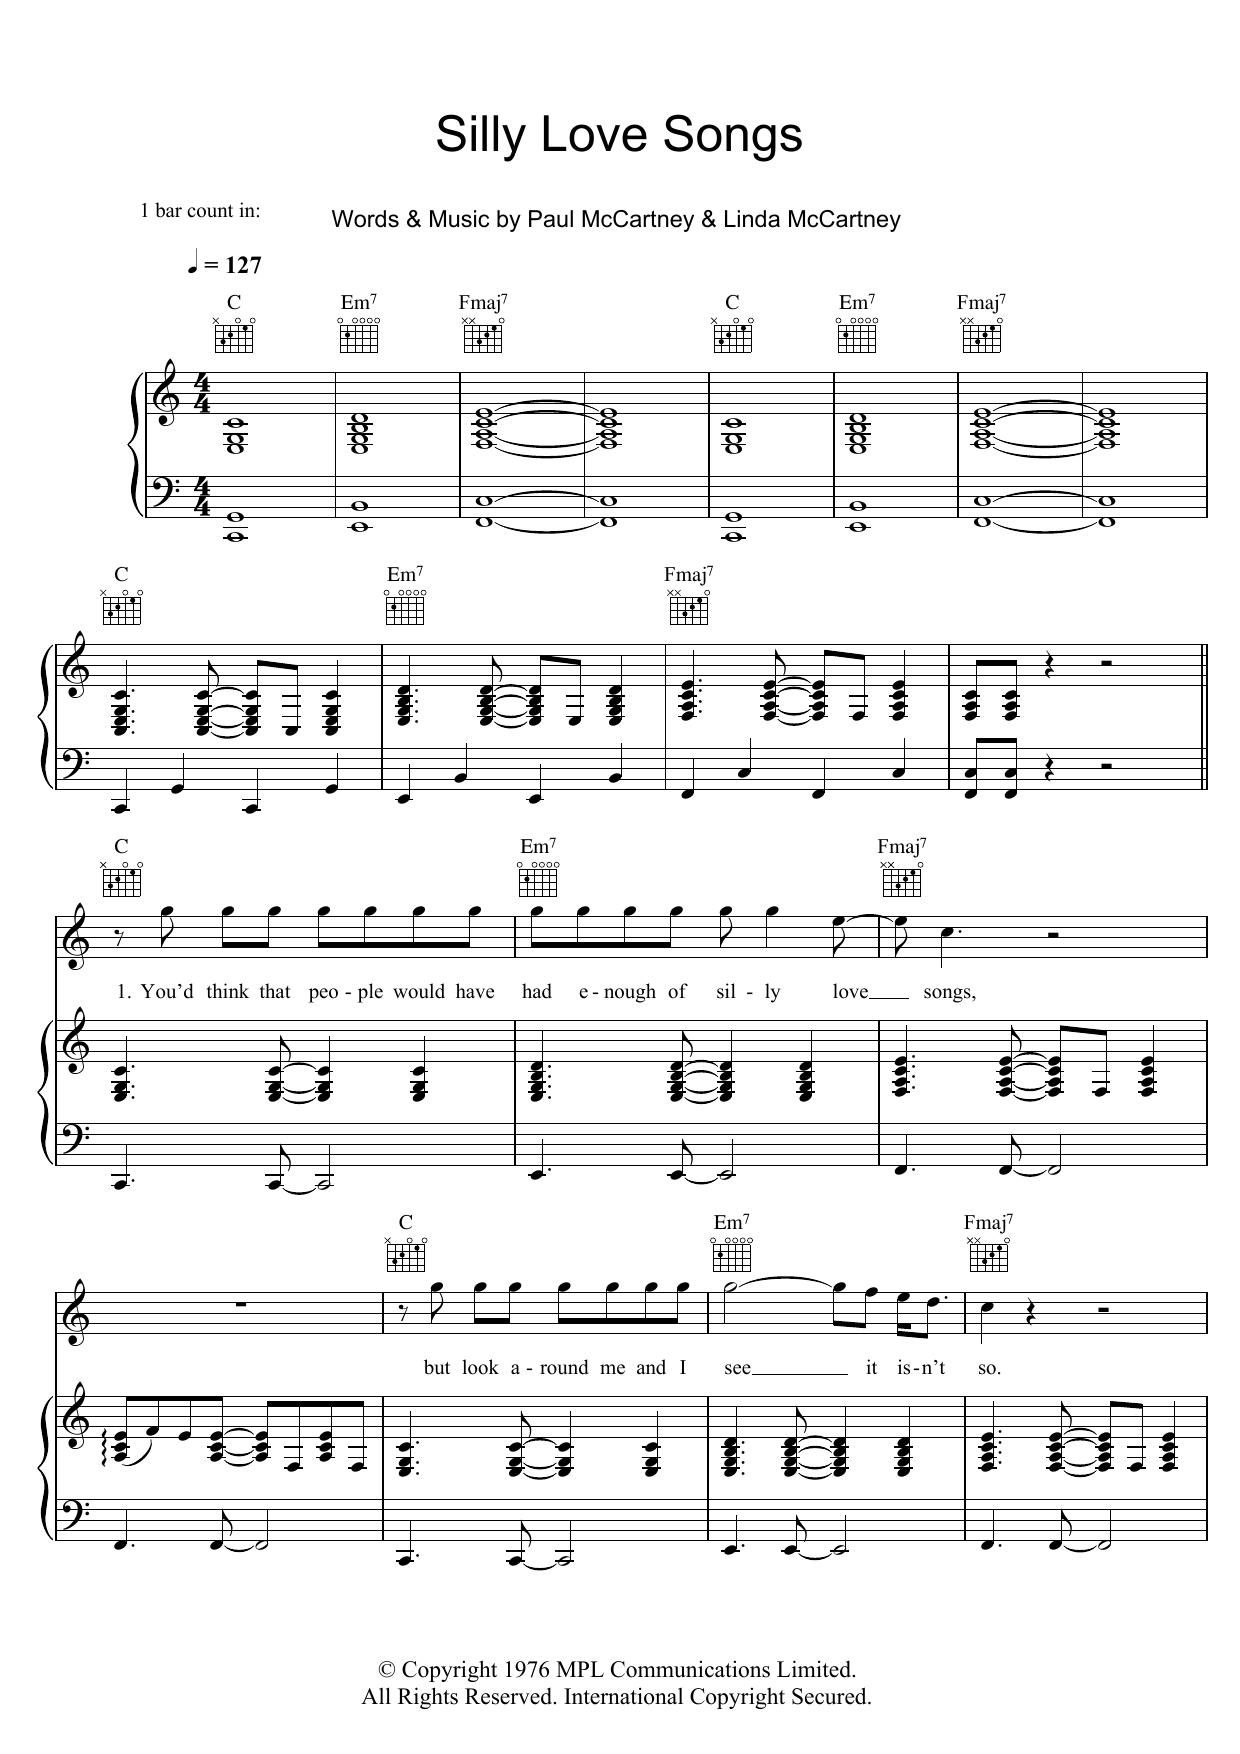 Paul McCartney - Silly Love Songs